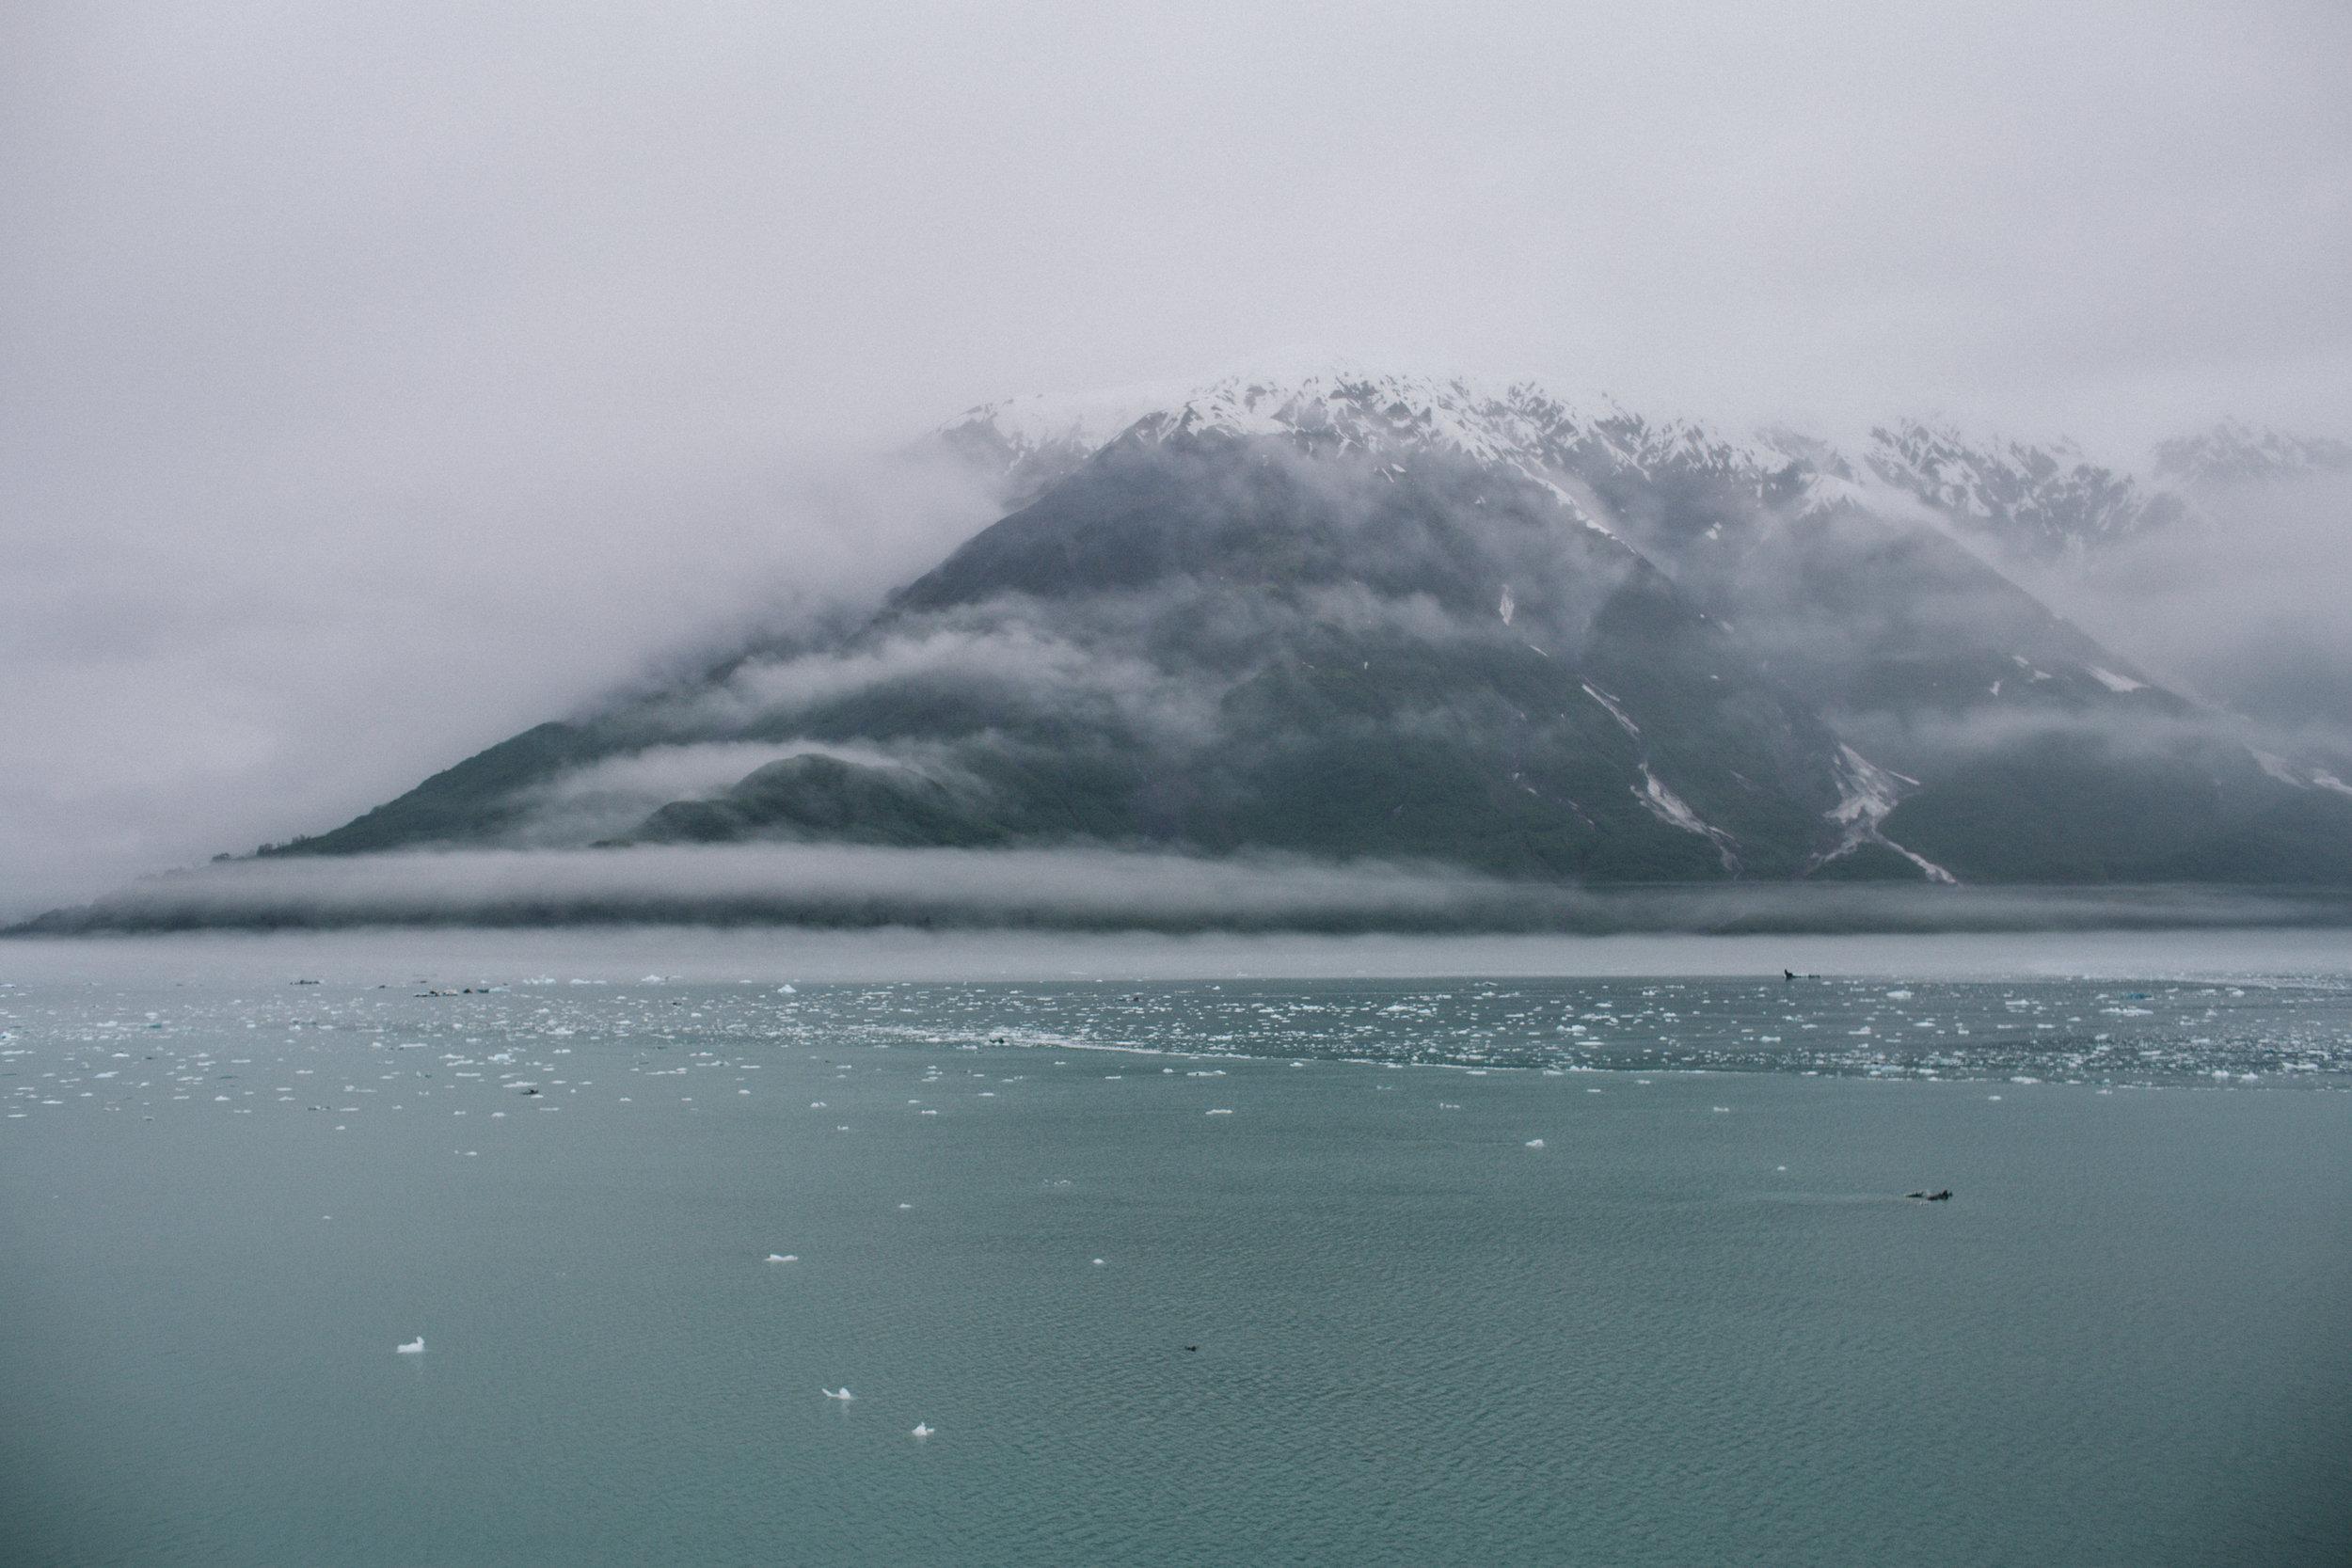 GlacierBayAlaska2_TR2018 (2 of 18).jpg